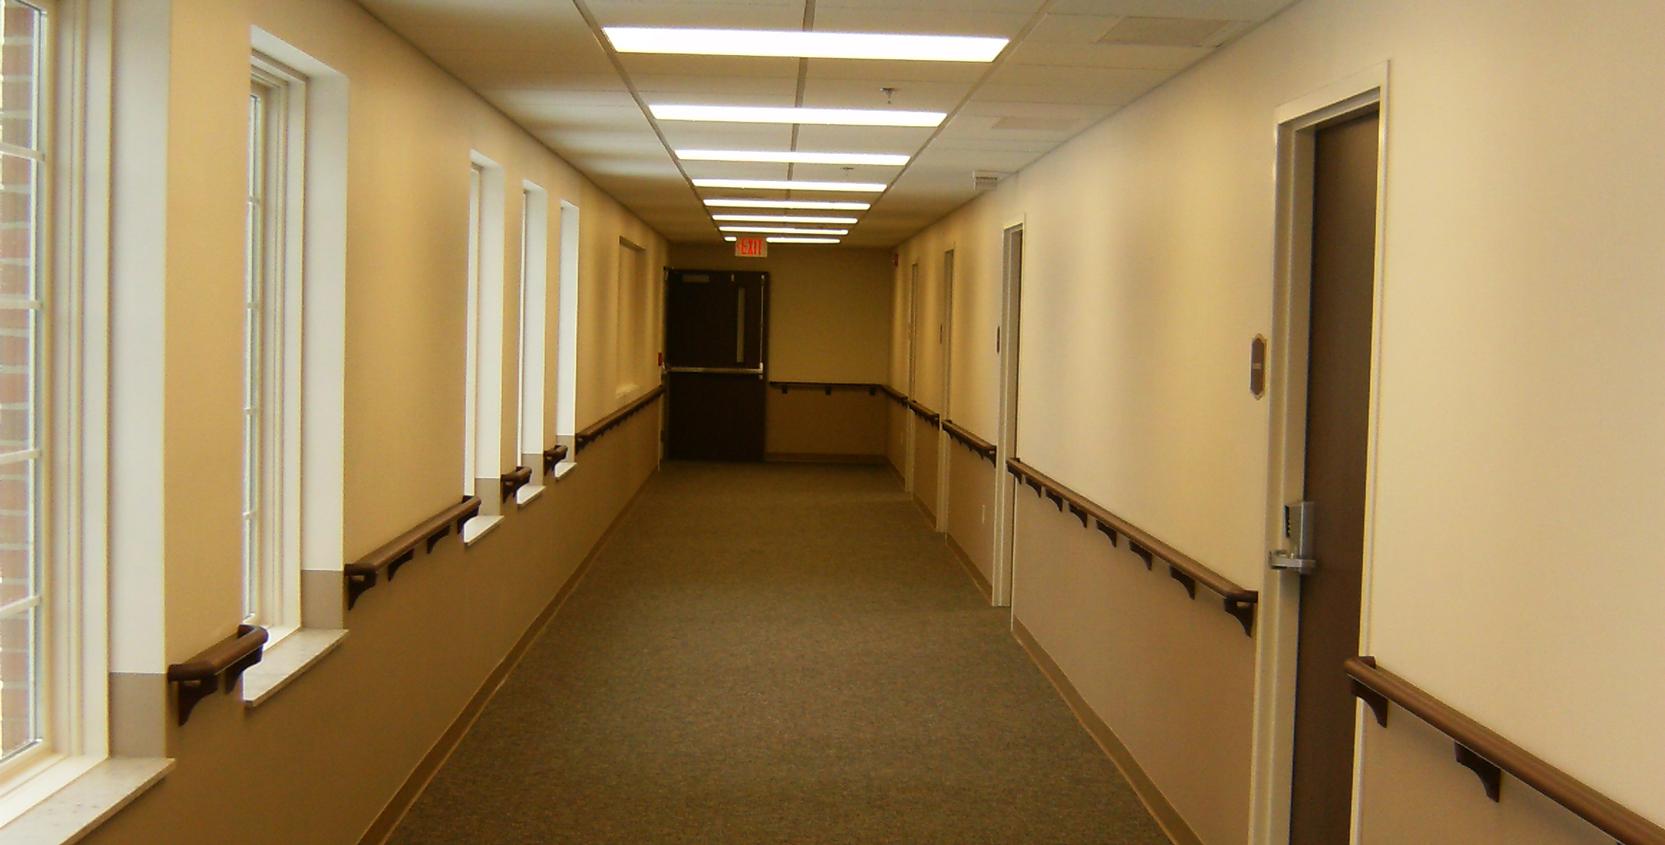 Marwood-Hallway-1665x845